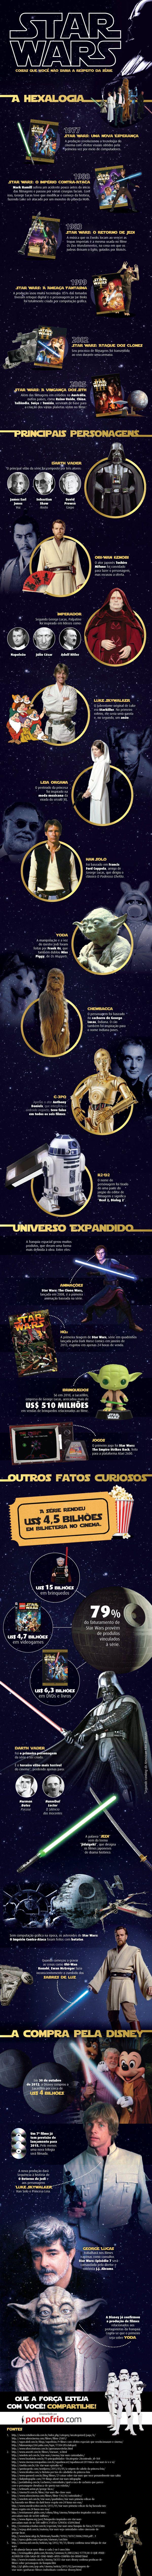 Infográfico - Star Wars – Coisas que você não sabia a respeito da série